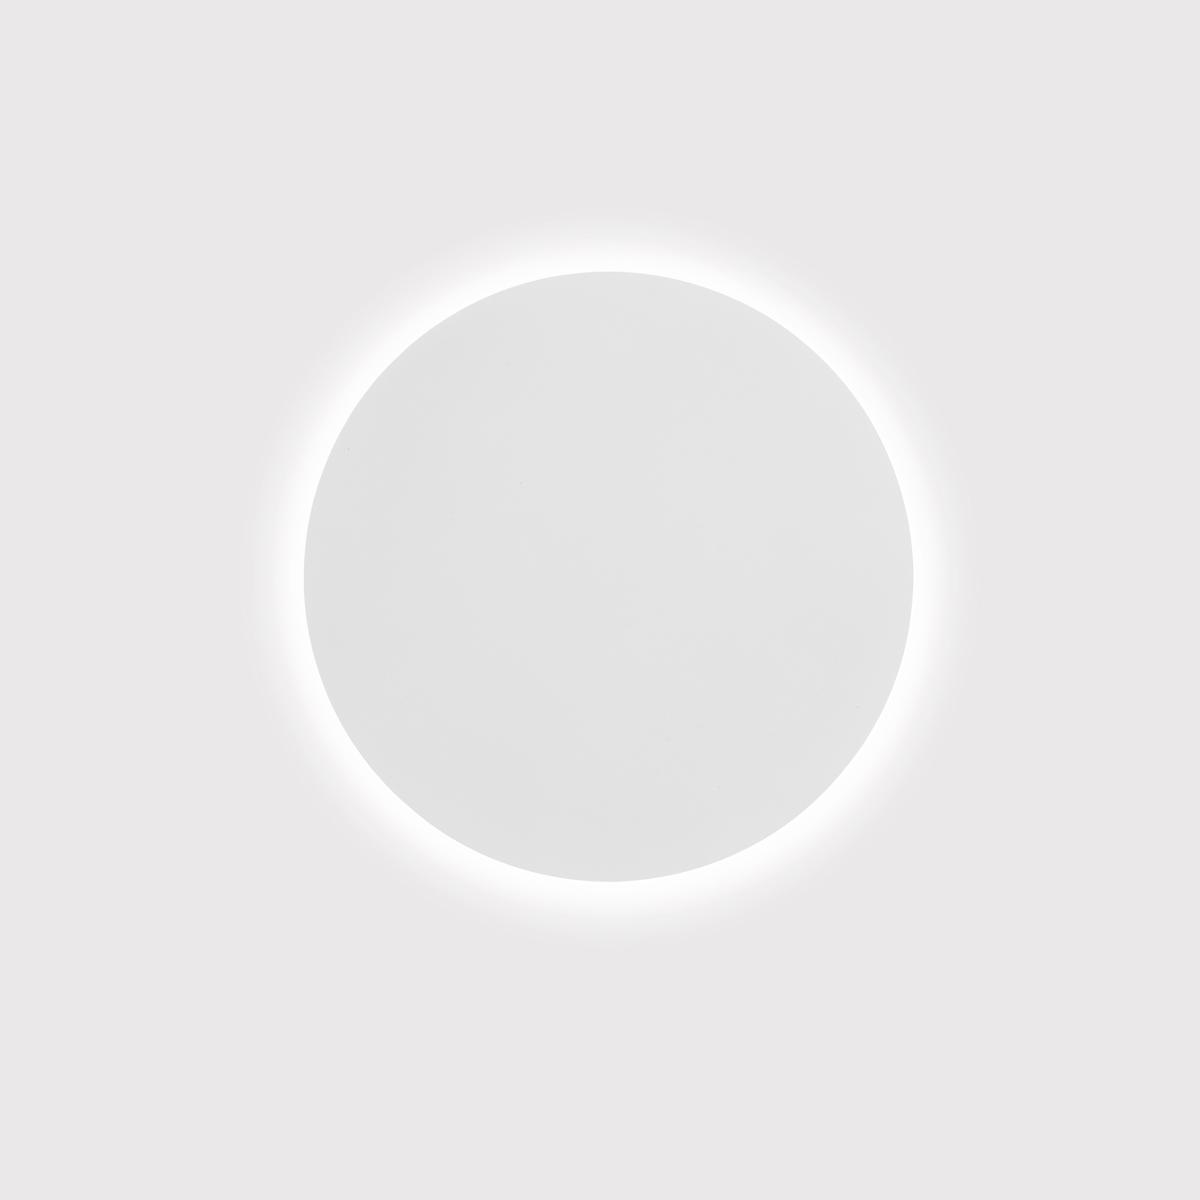 190424 eclipse branco